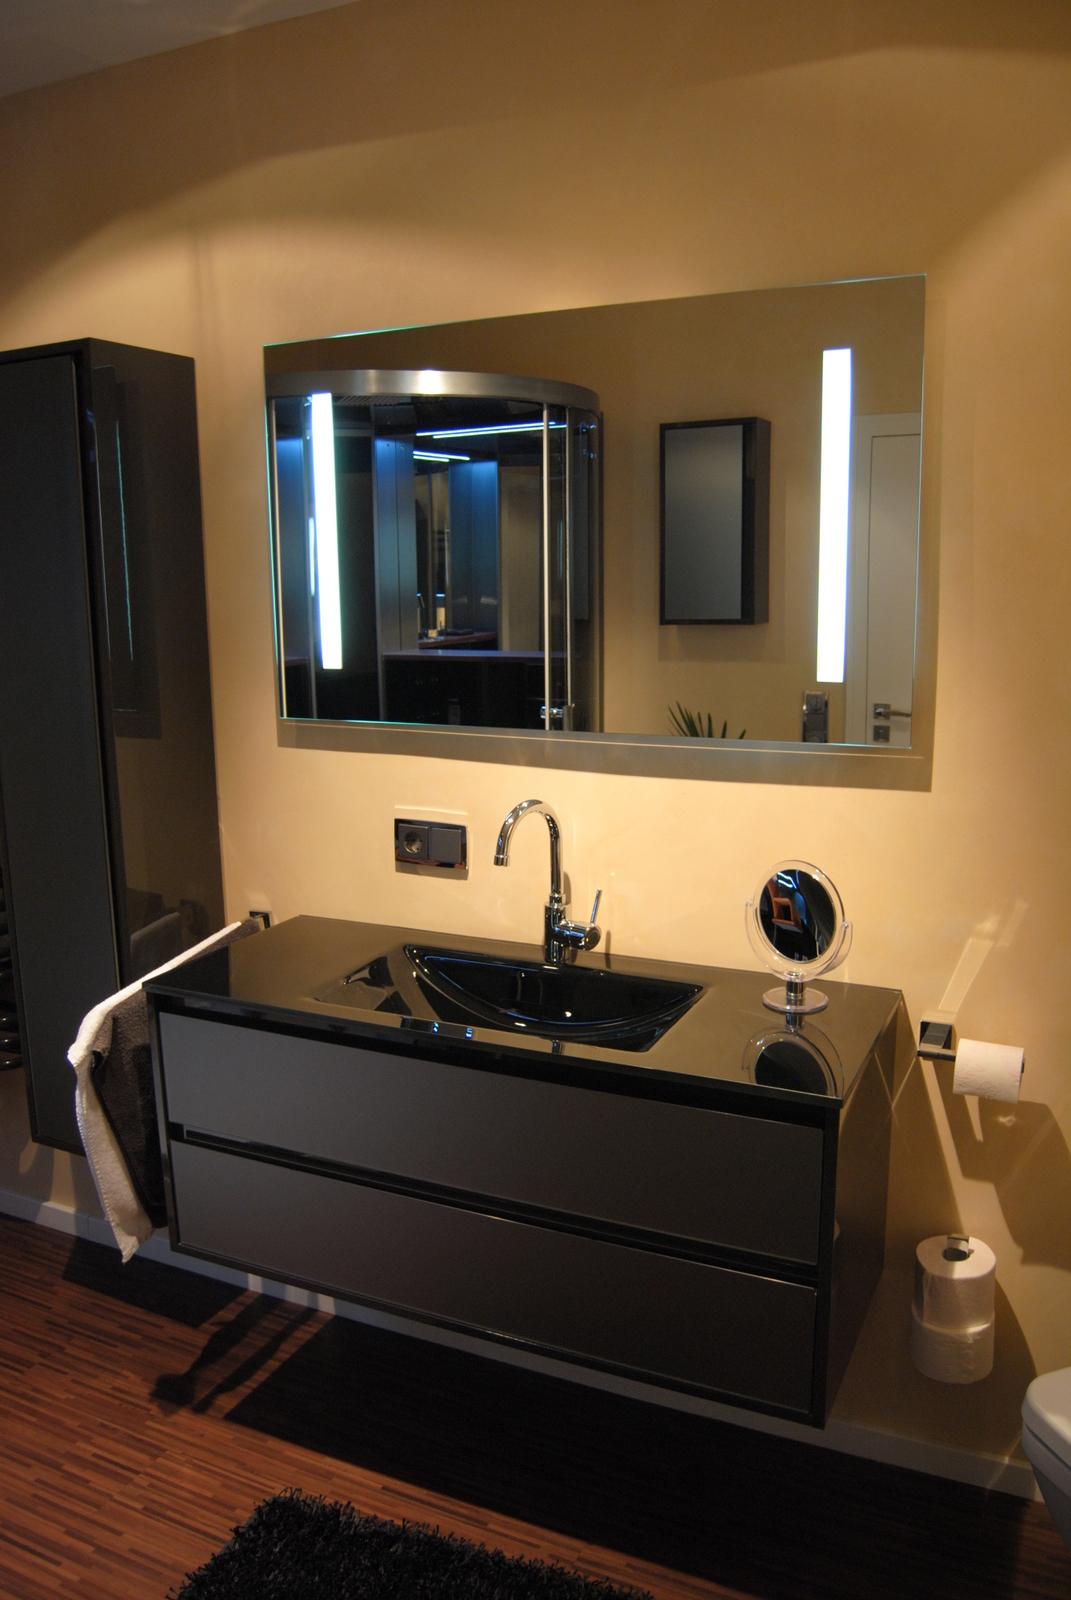 privat 2012 418 malermaus. Black Bedroom Furniture Sets. Home Design Ideas